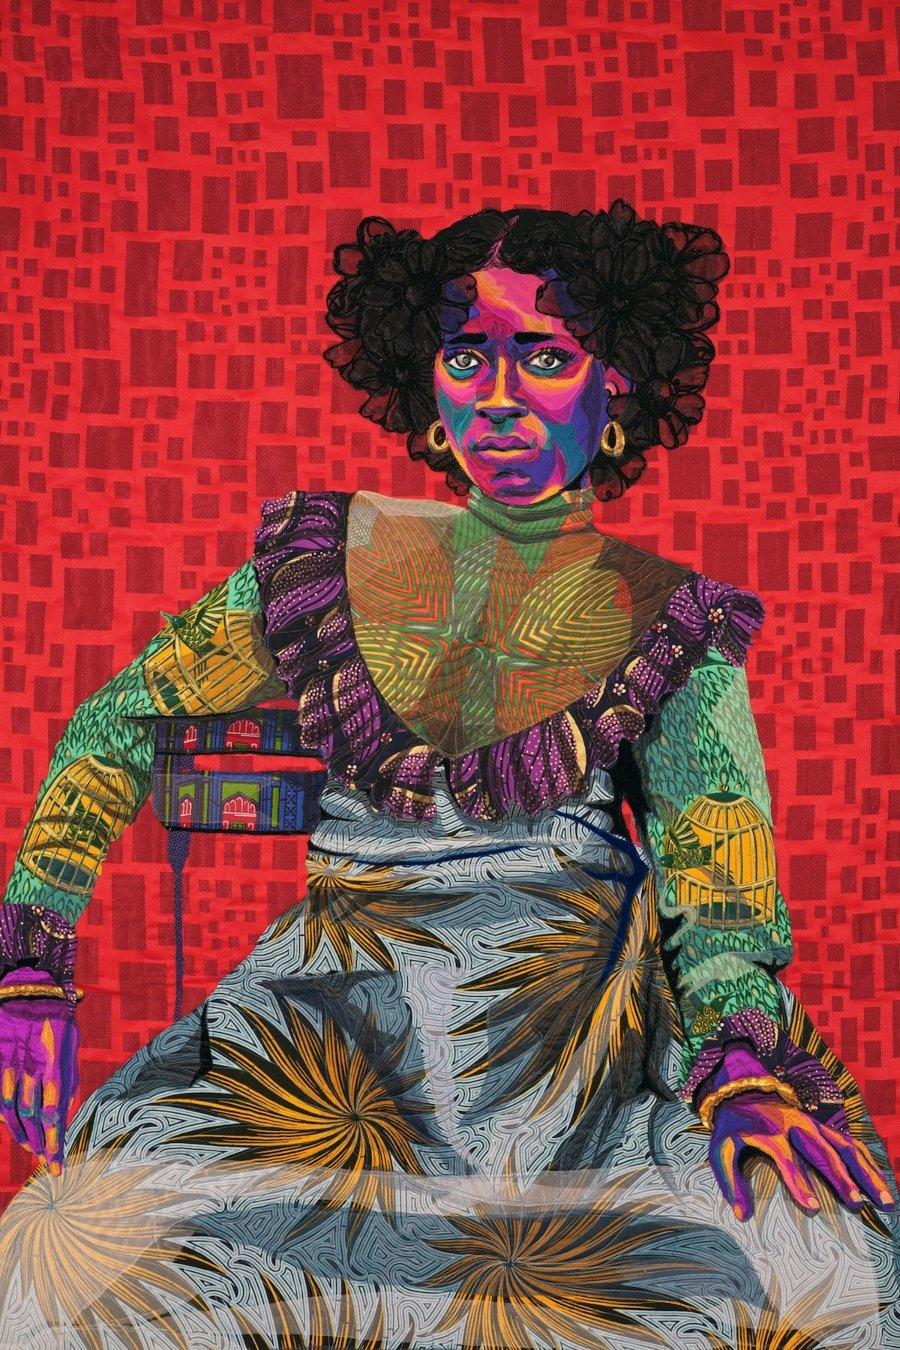 Obra textil de Bisa Butler con el retrato de mujer negra